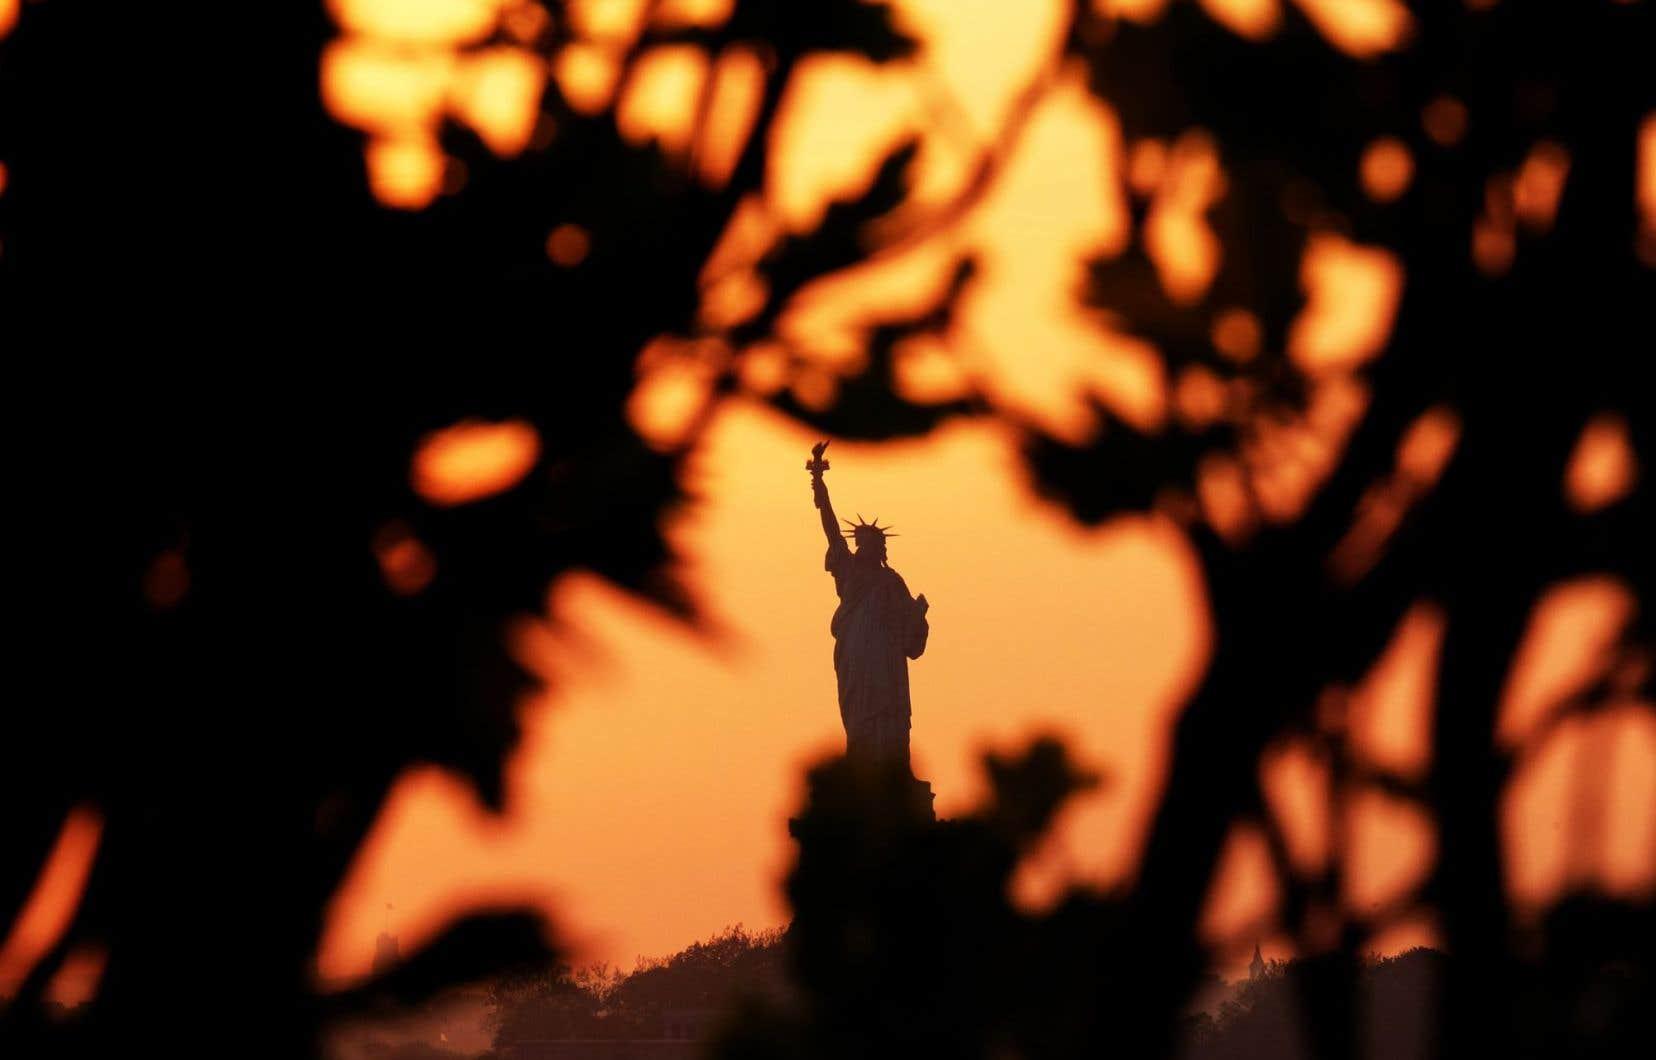 Le score démocratique des États-Unis a glissé de 8,05 à 7,98, ce qui signifie que la démocratie américaine est dorénavant considérée comme «défaillante».